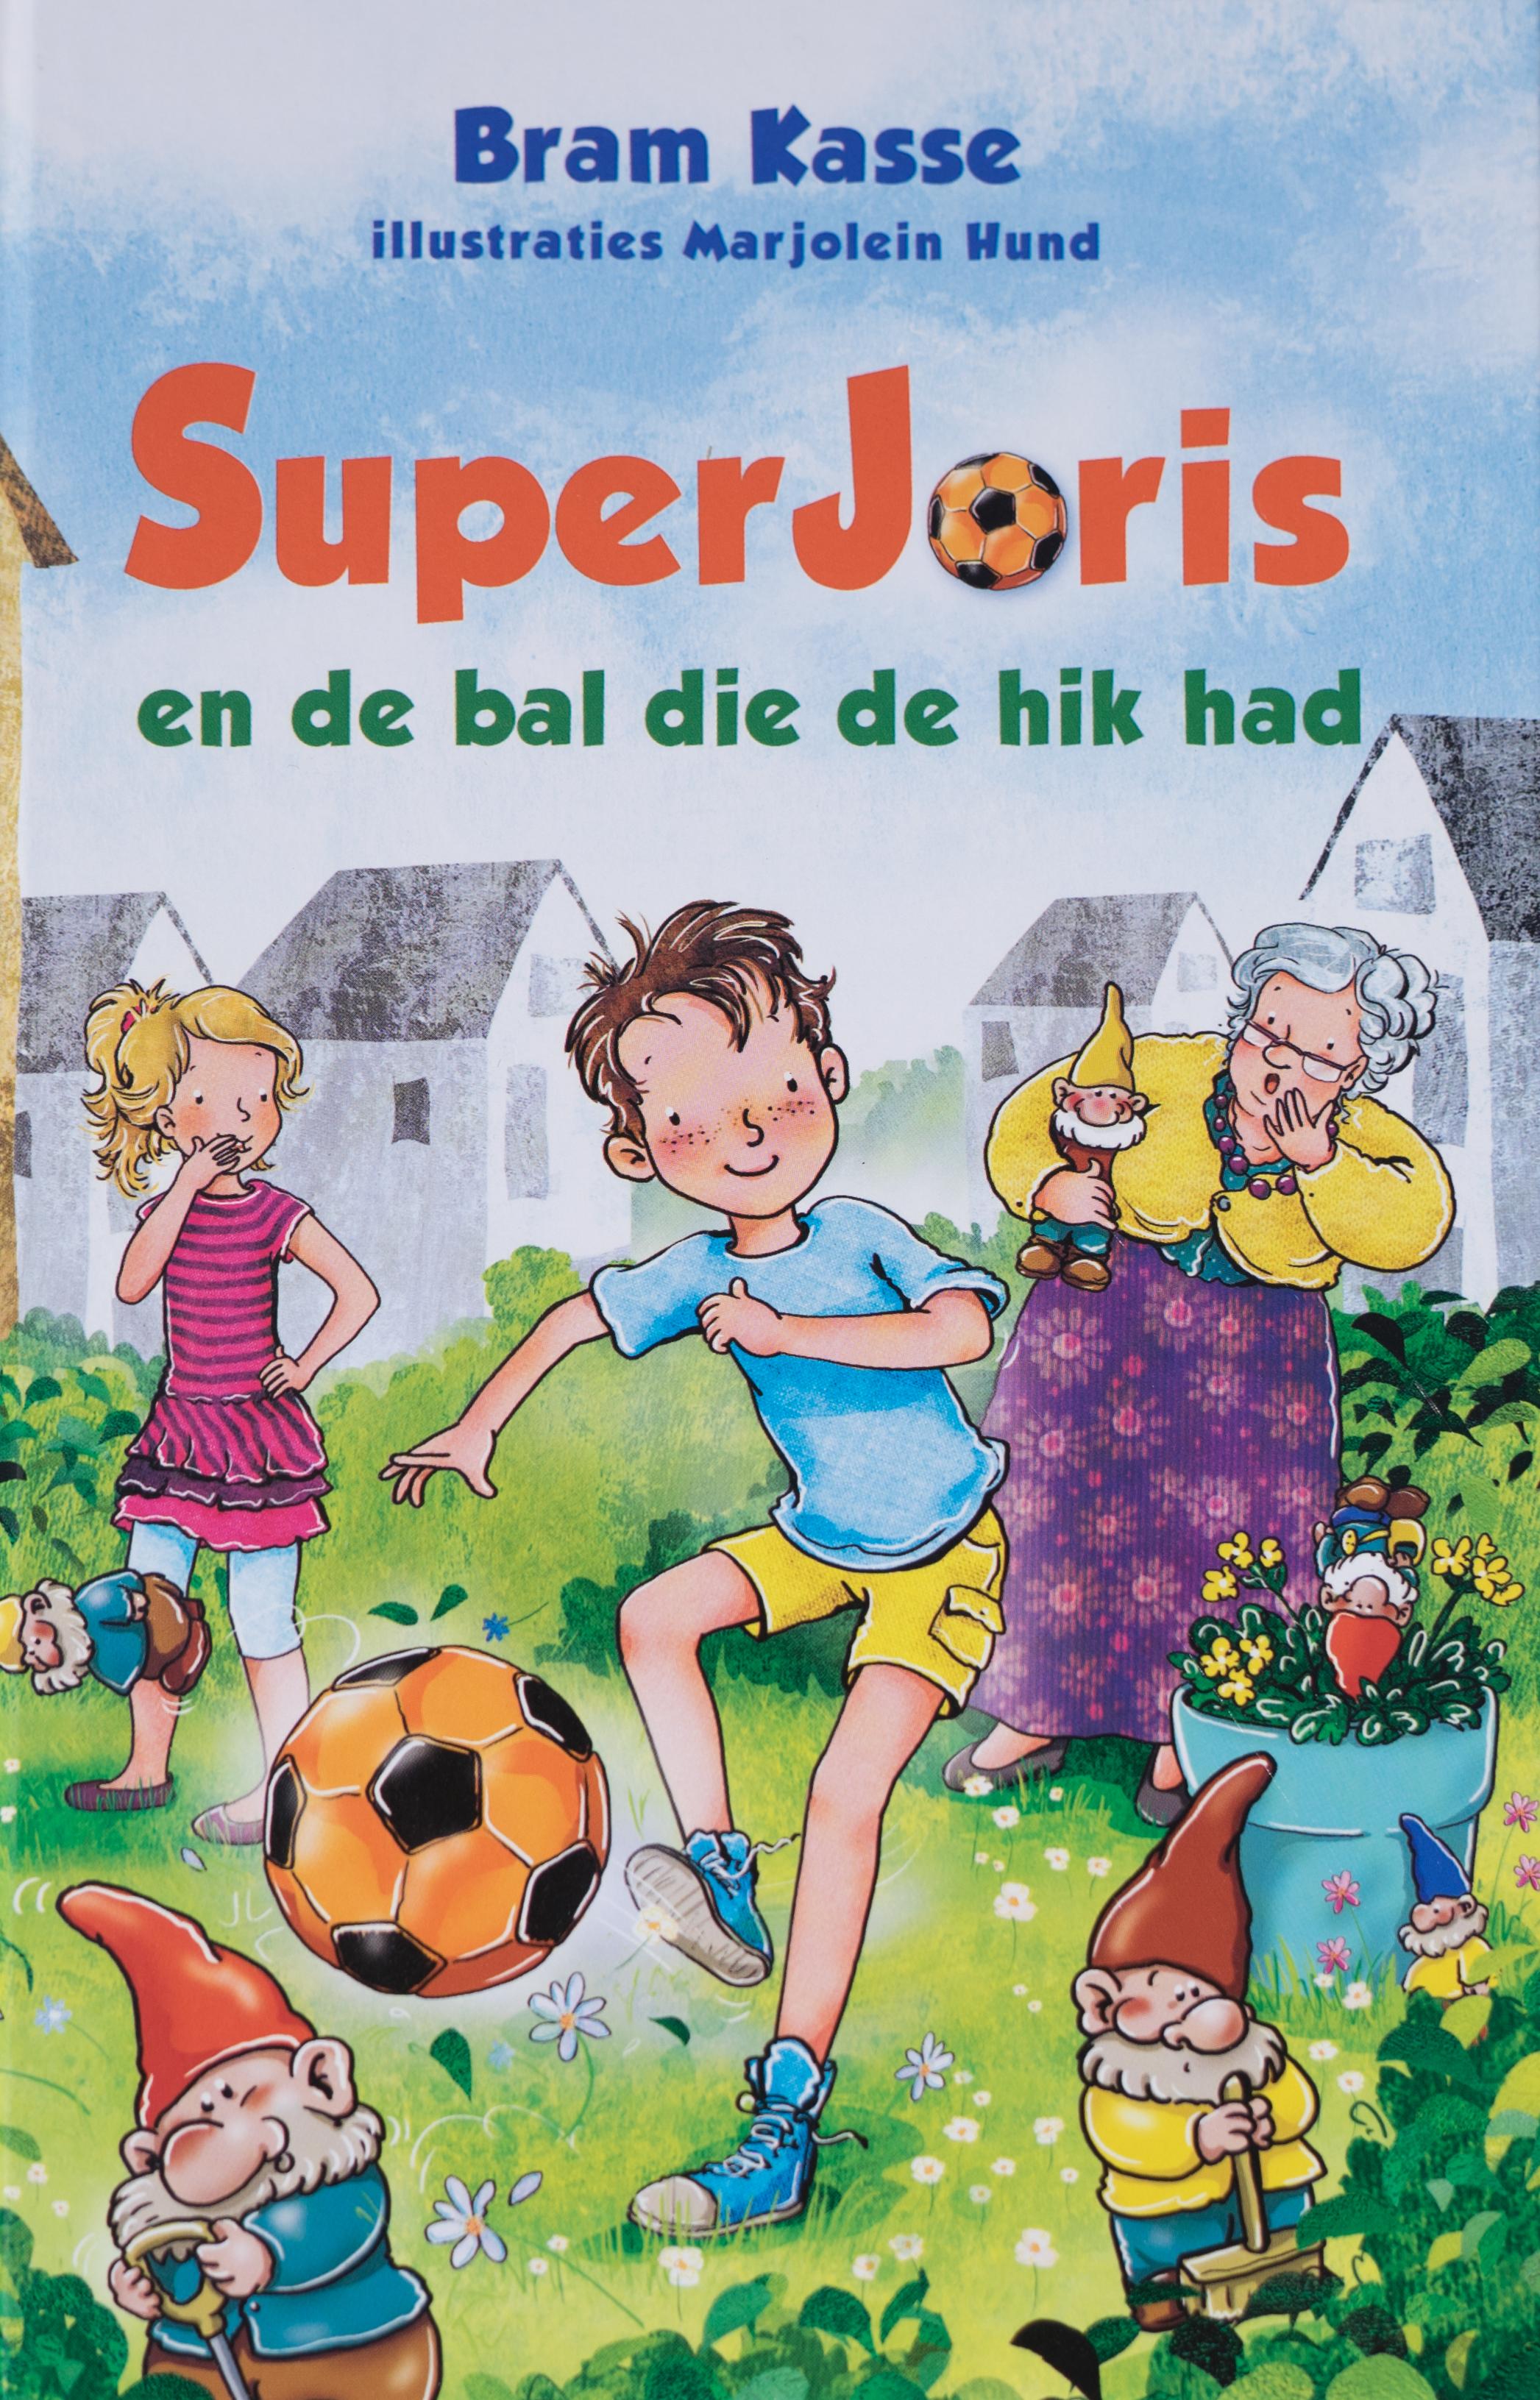 SUPERJORIS en de bal die de hik had – deel 1